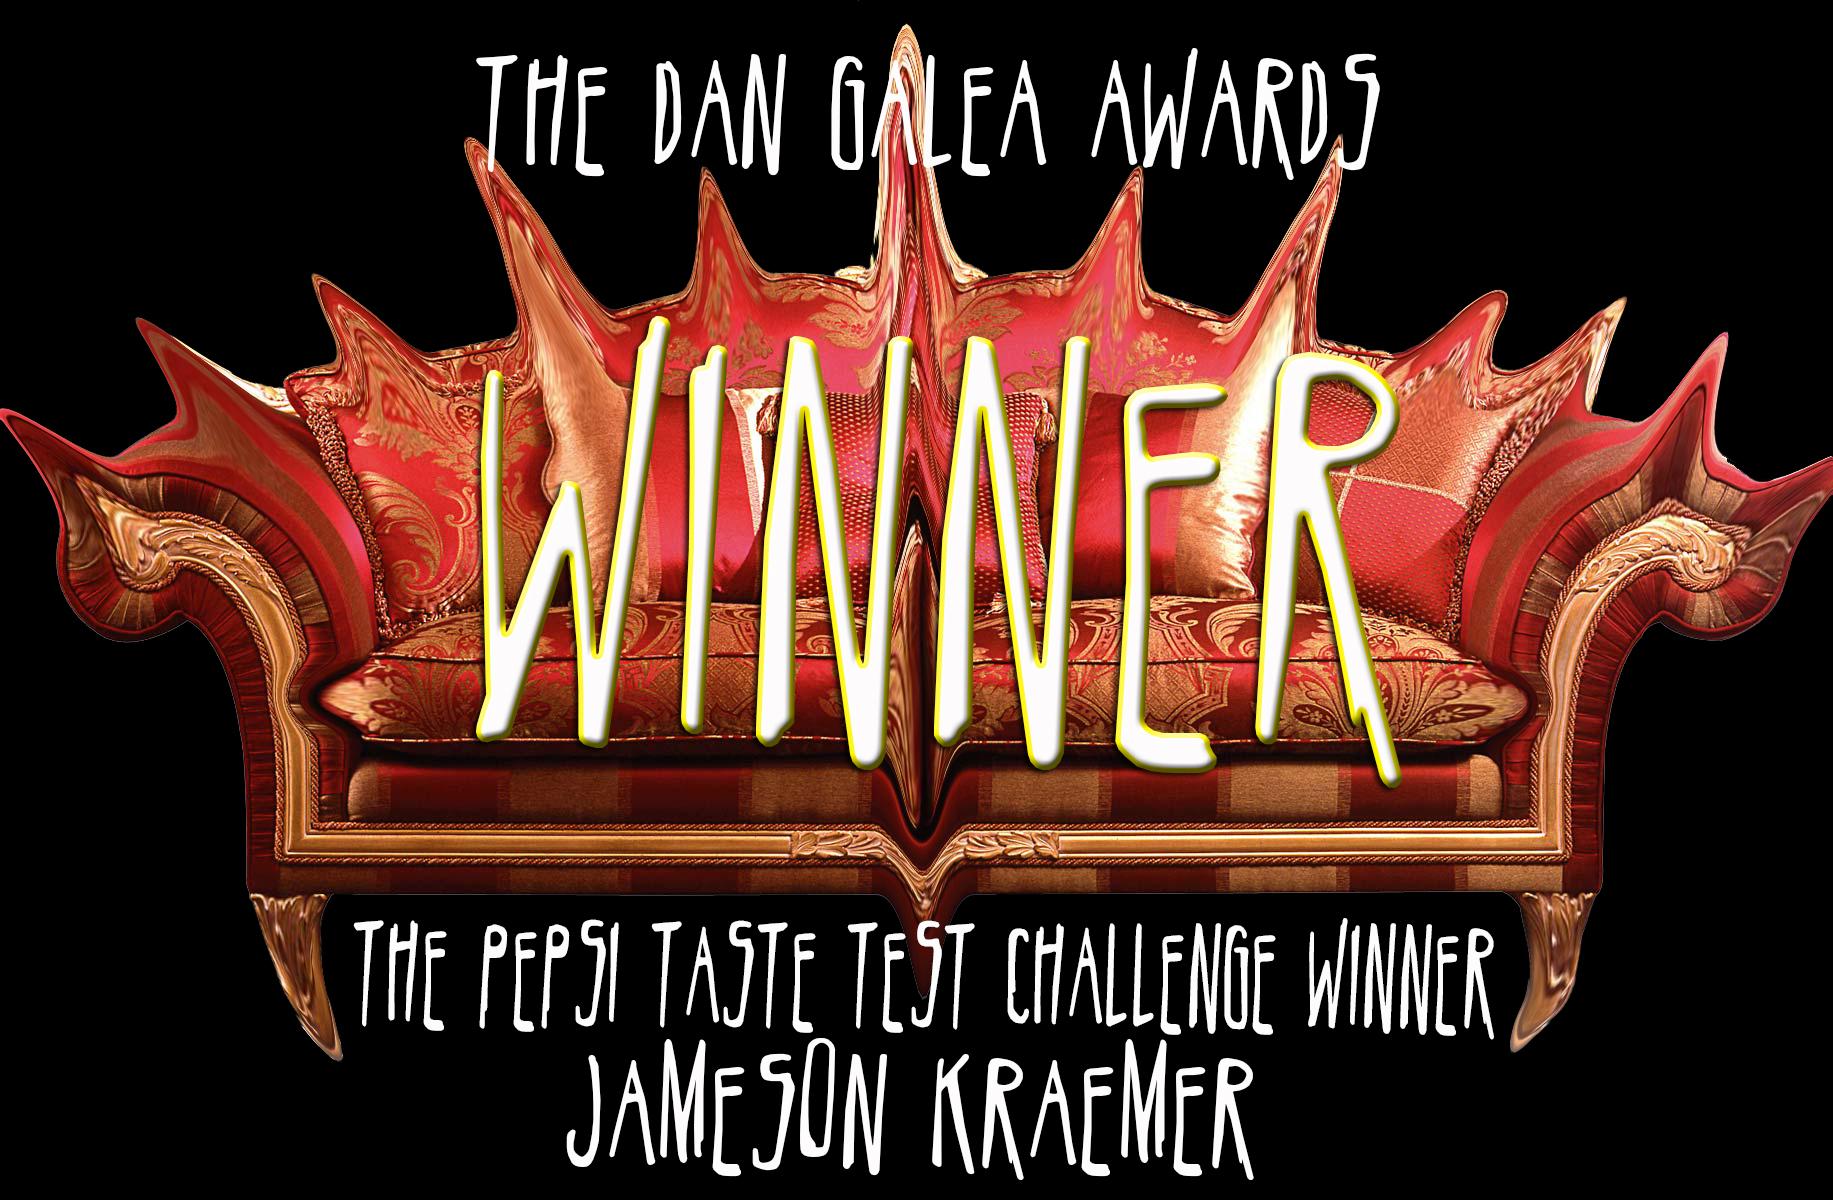 DGawards JamesonKraemer.jpg